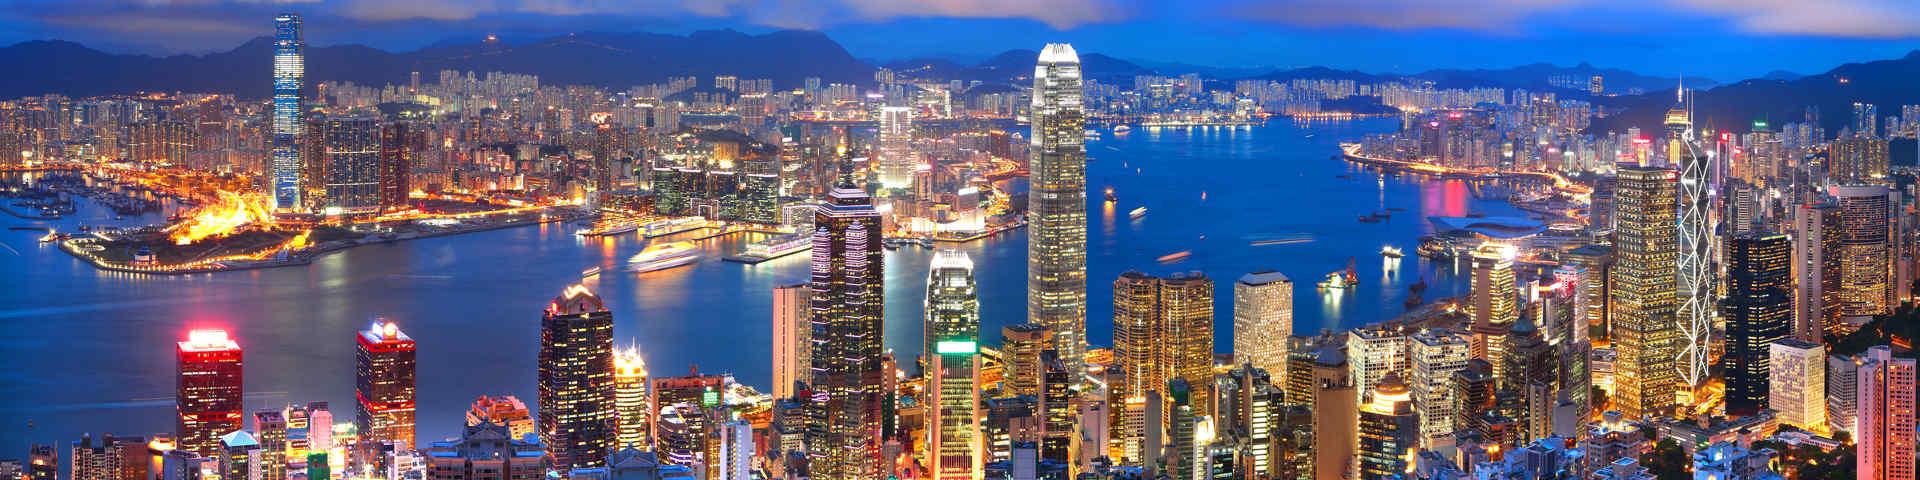 Hong kong hero